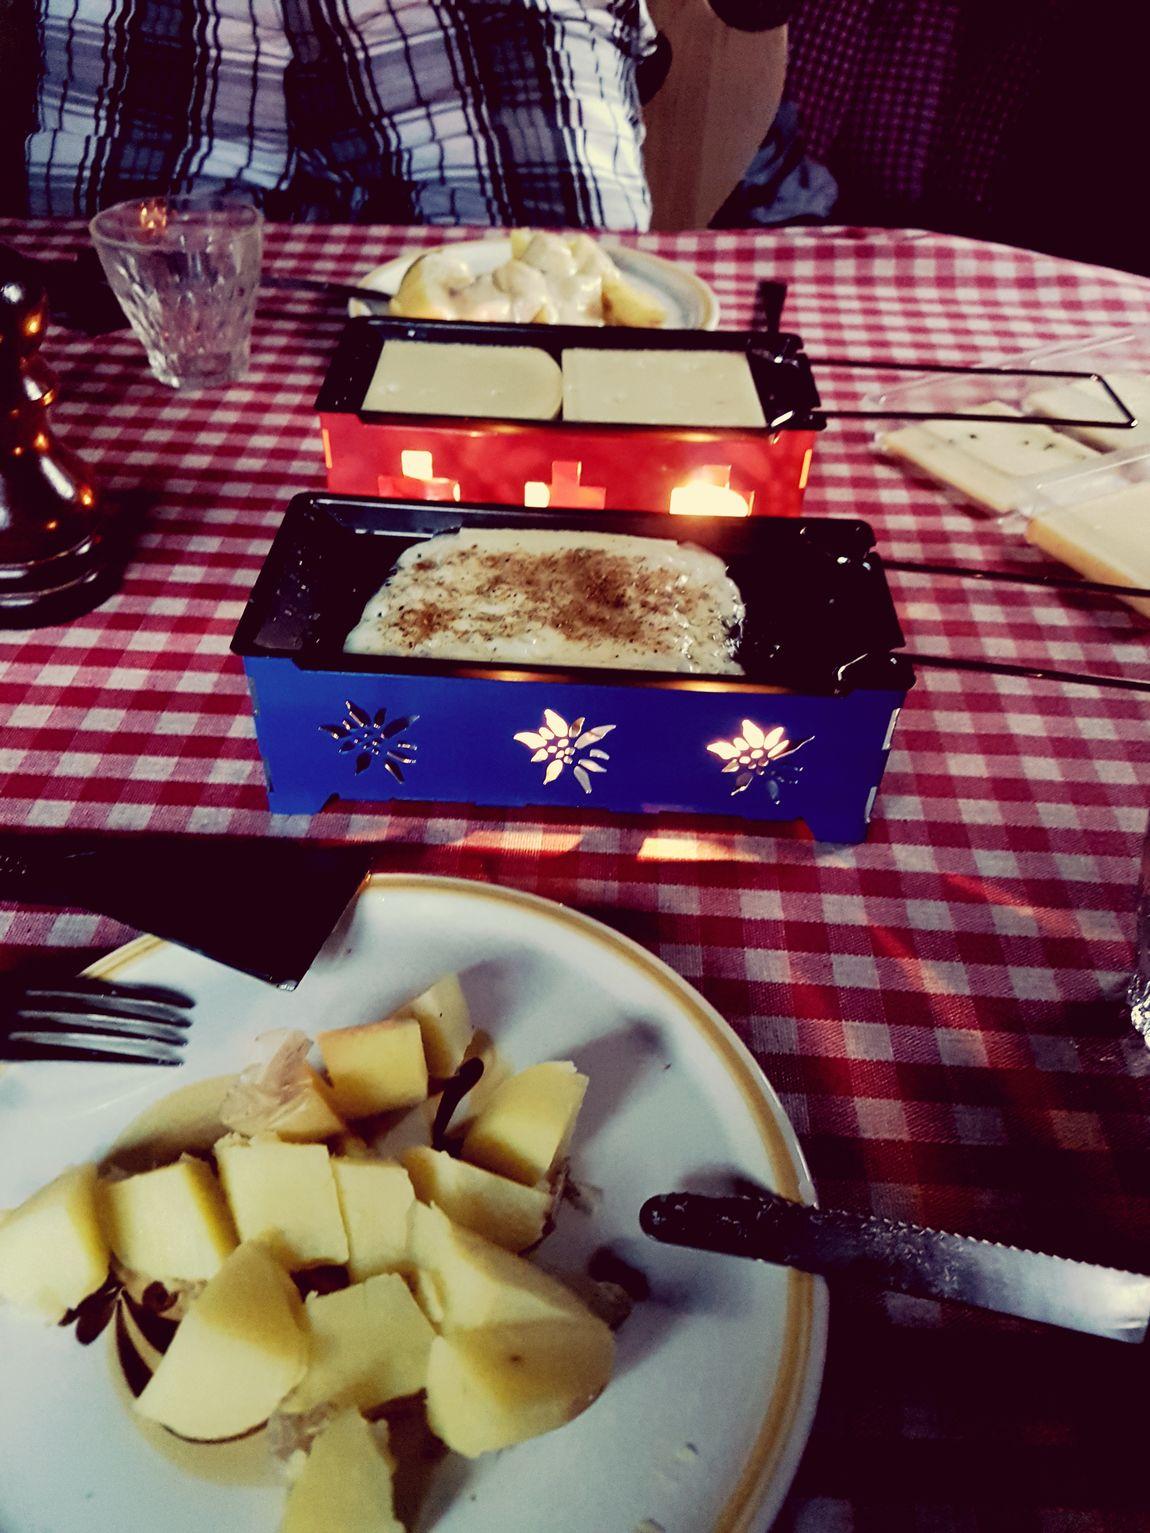 Maiensäss Hüttenzauber Bergwelt Raclette Rustic Charm Summer Foodpics Graubünden Zuhauseistwodasherzist